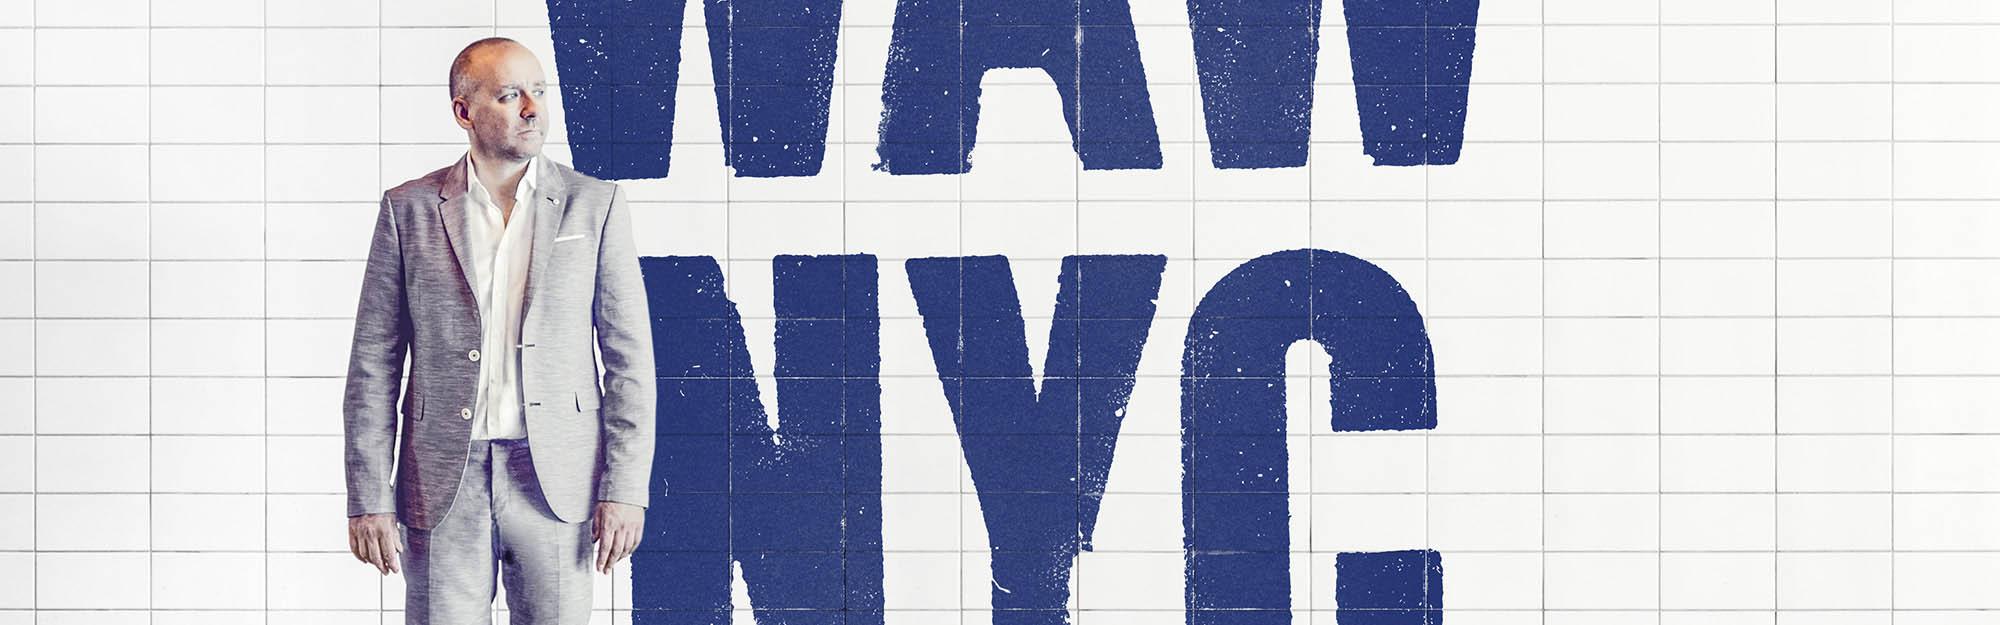 Marek Napiorkowski WAW-NYC